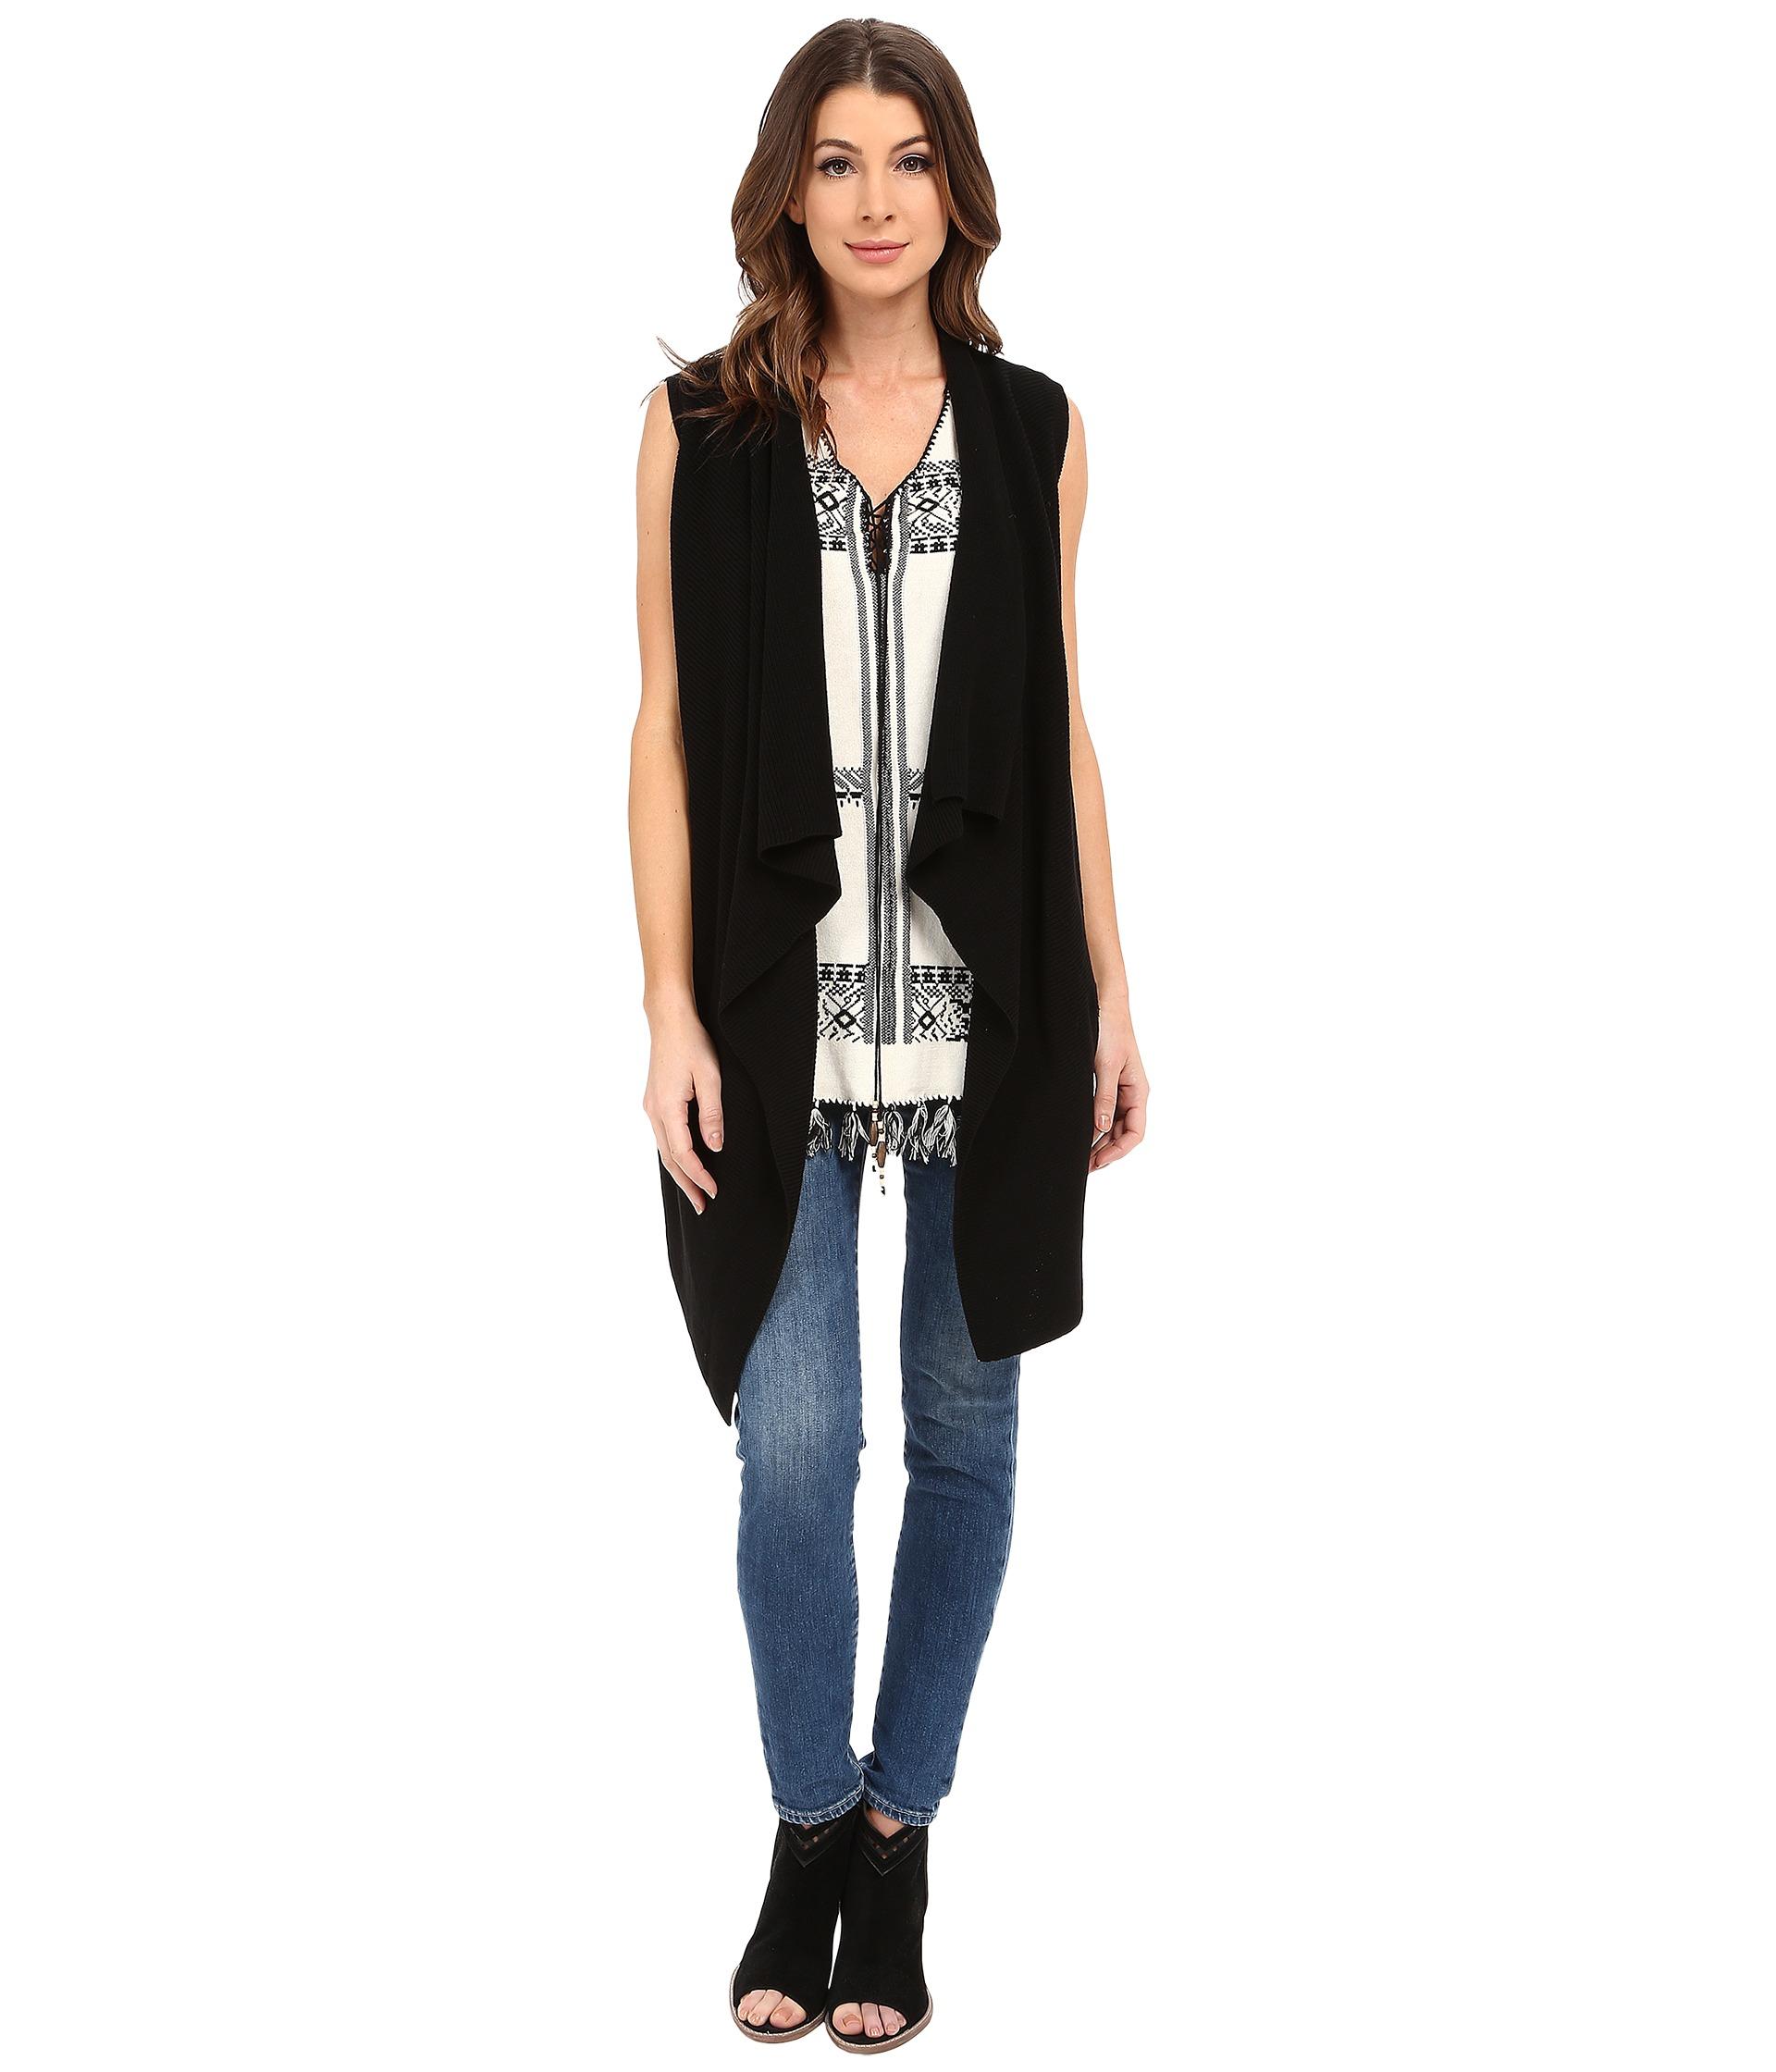 56878adc68b Dylan By True Grit Long Drape Sweater Vest in Black - Lyst